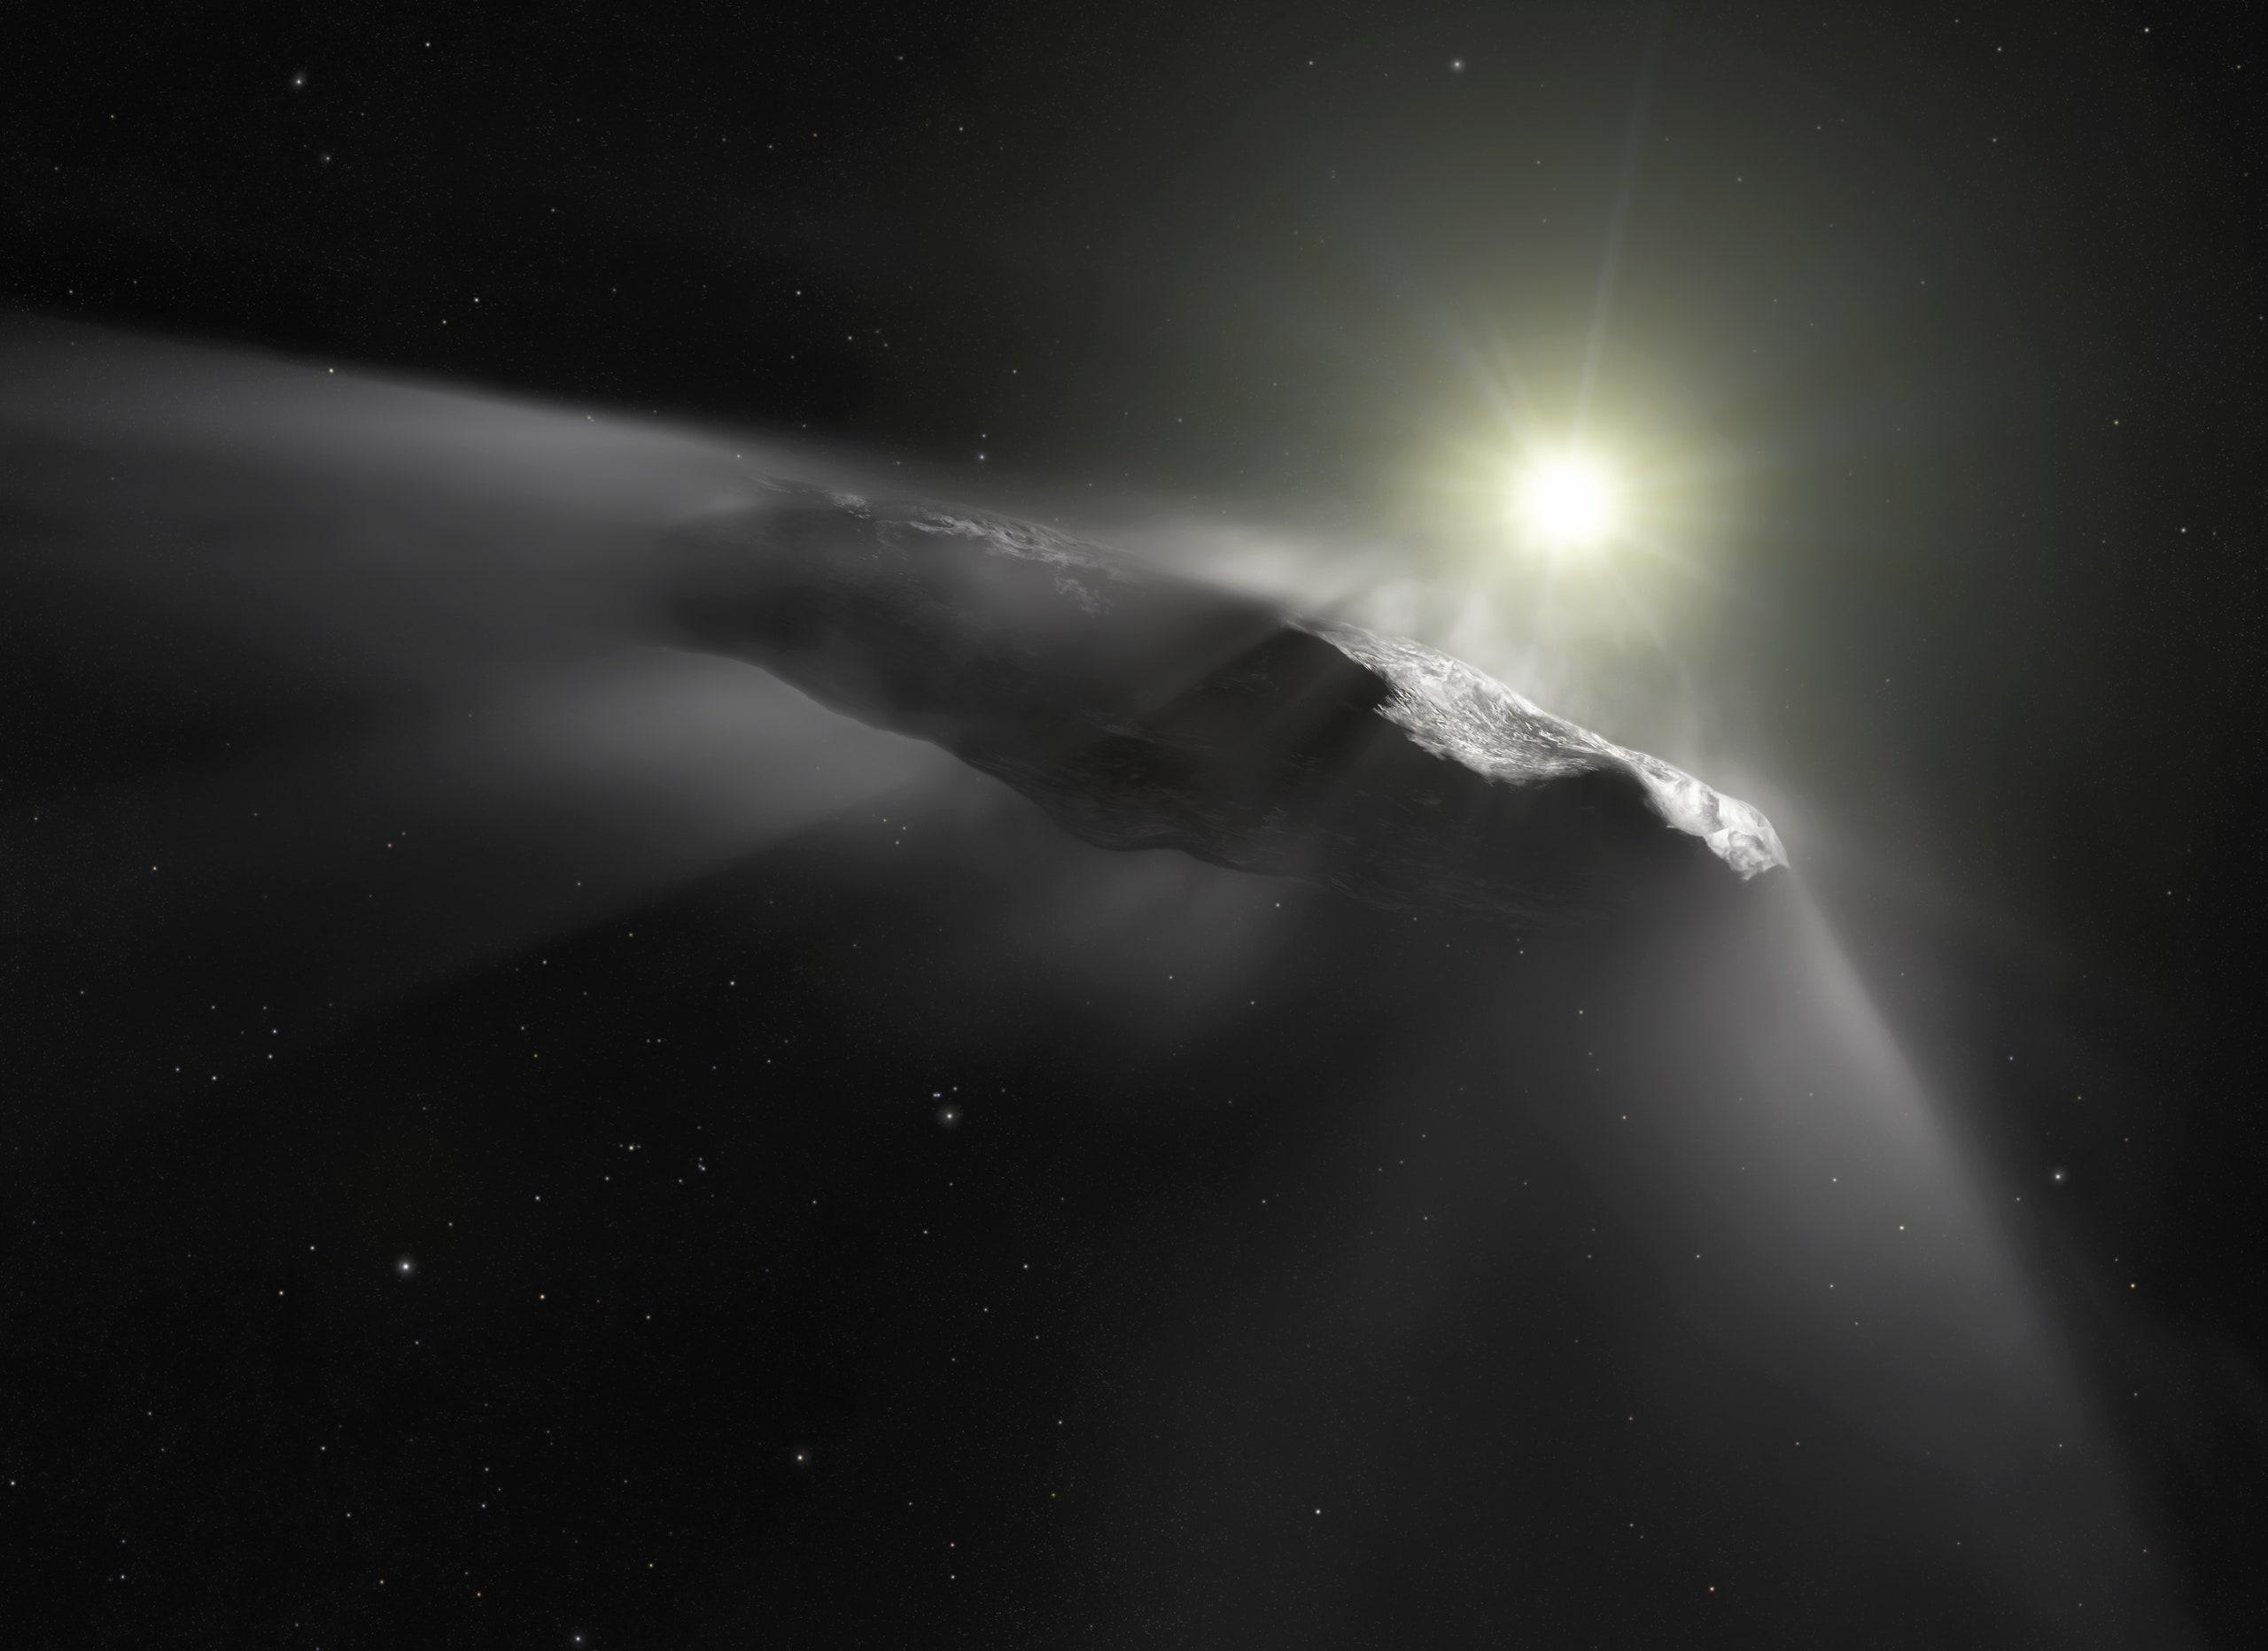 Межзвездный астероид Оумуамуа впредставлении художника. Источник: ESA/Hubble, NASA, ESO, M. Kornmesser